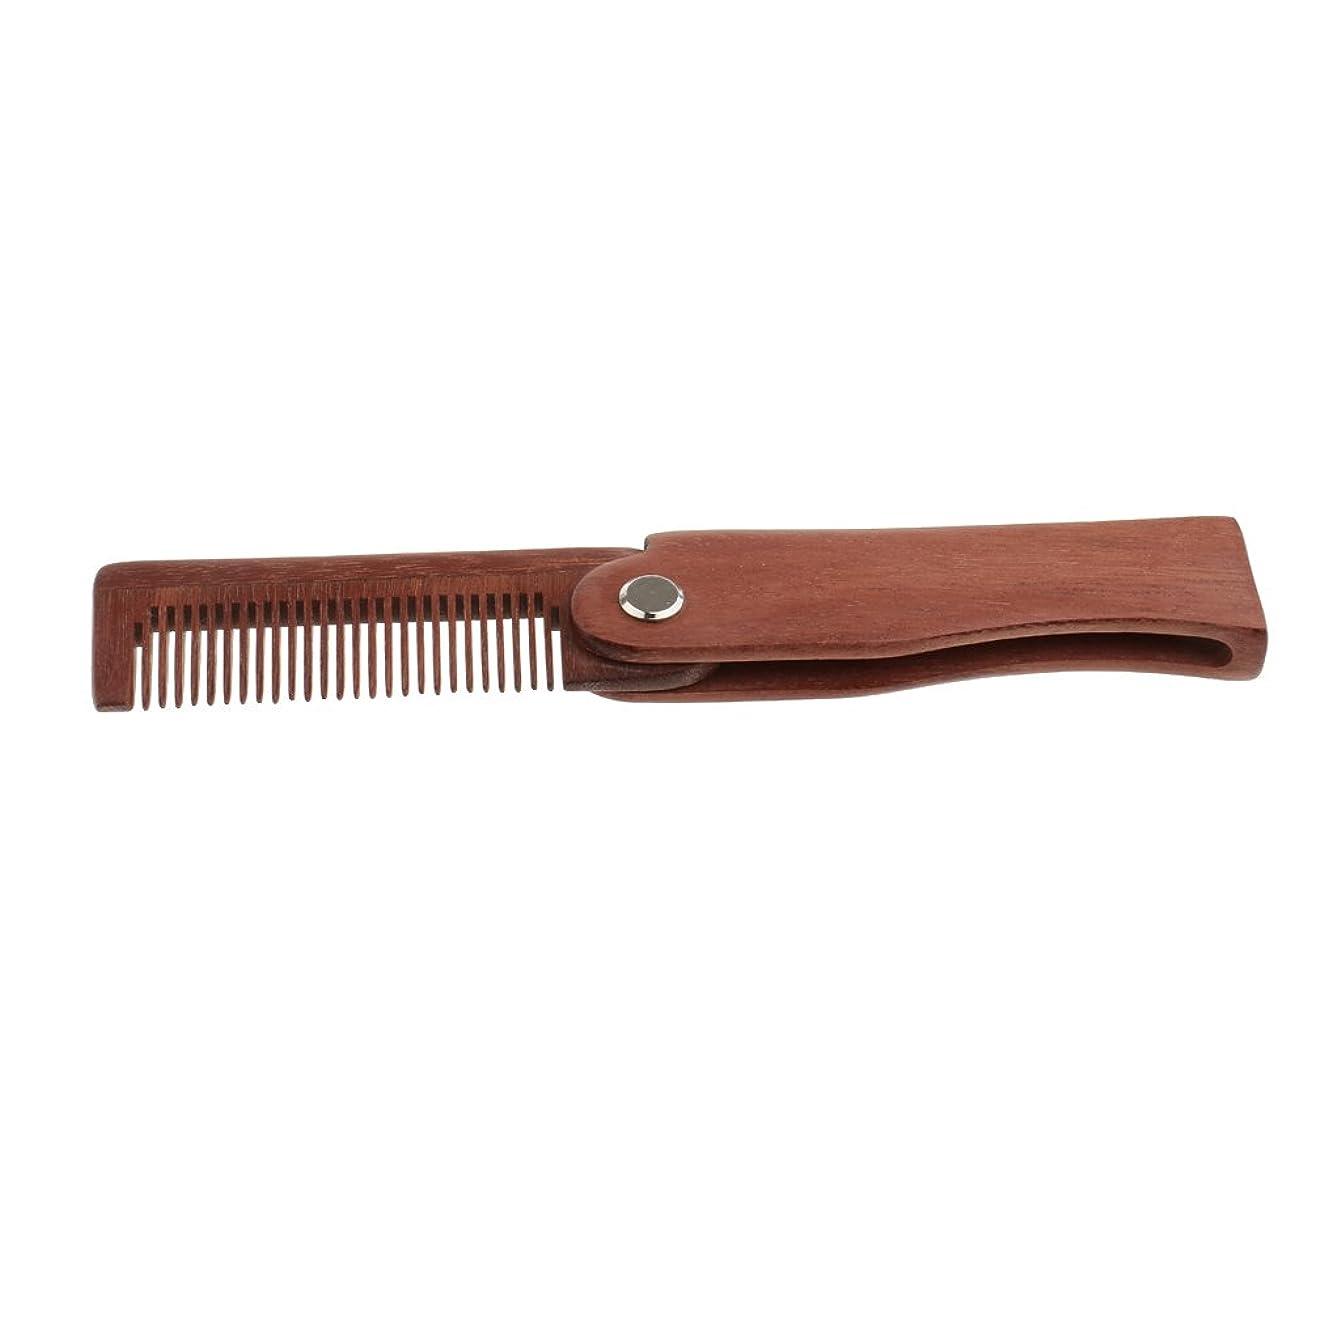 ジョブ精緻化まっすぐ折り畳み 毛ひげの櫛 ブラシ 木製 ひげ剃り櫛 男性 旅行 外出 便利グッズ ポケットサイズ